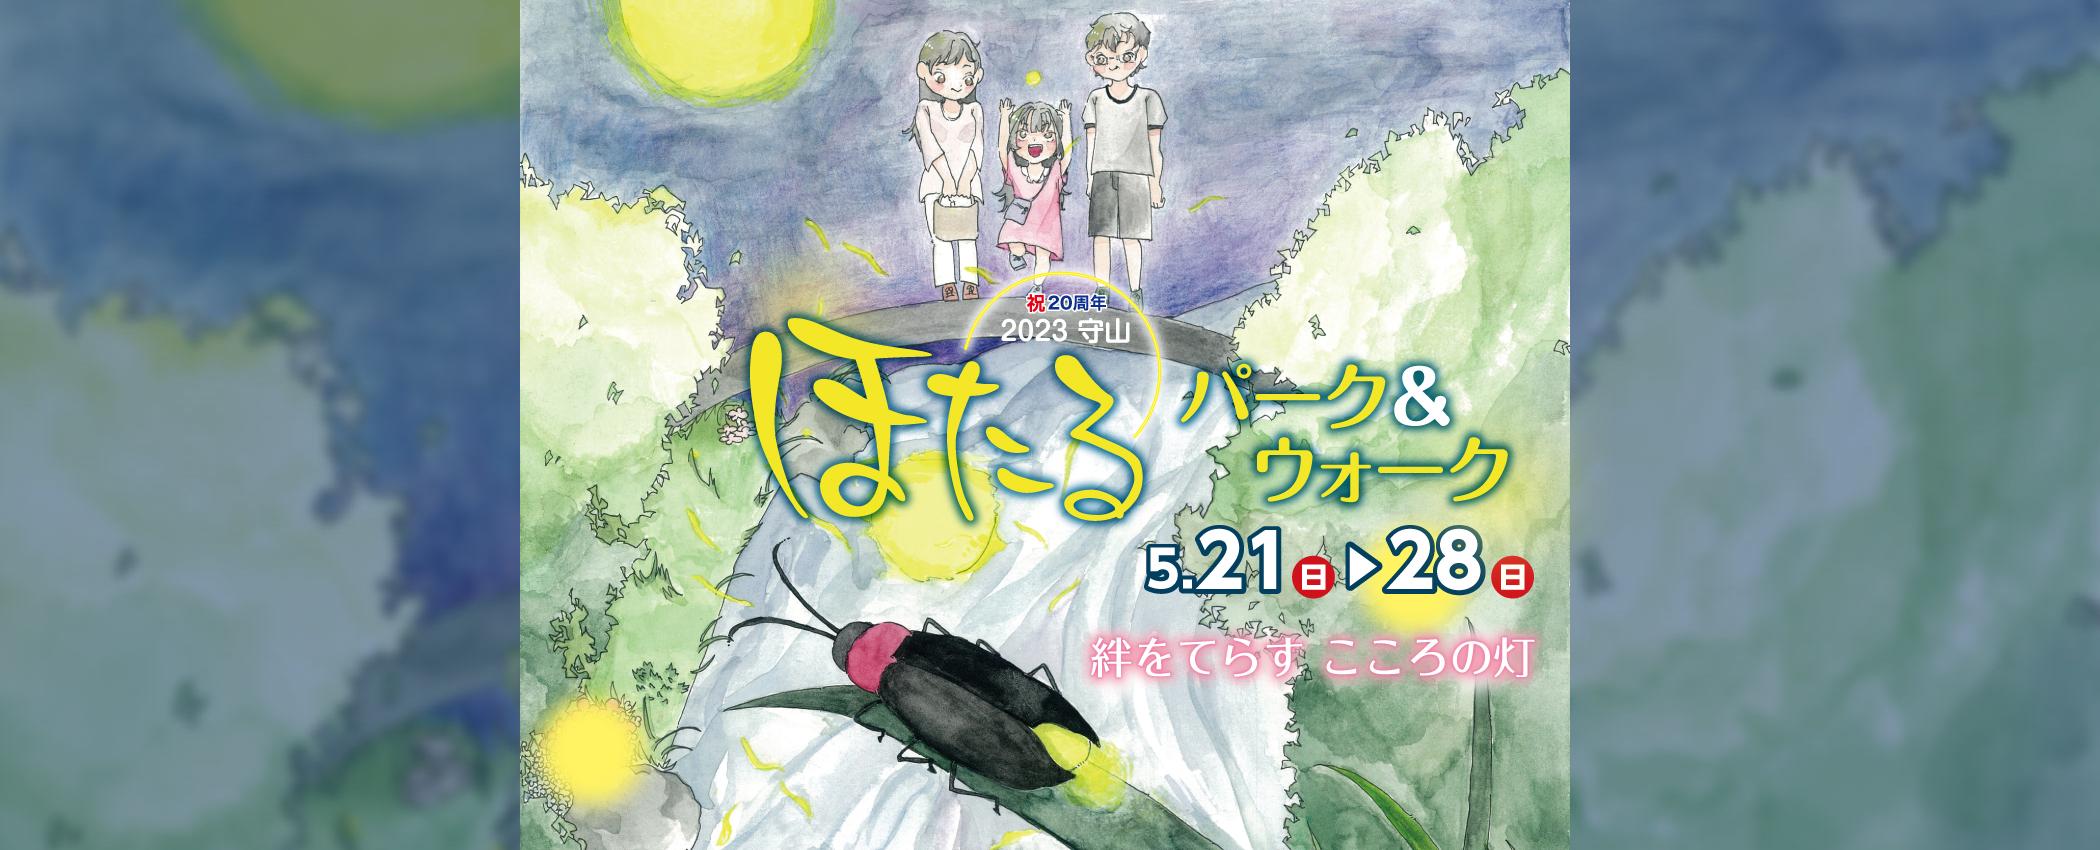 2018(第15回) 守山ほたるパーク&ウォーク 絆をてらすこころの灯 開催期間2018年5月19日(土)〜27日(日)